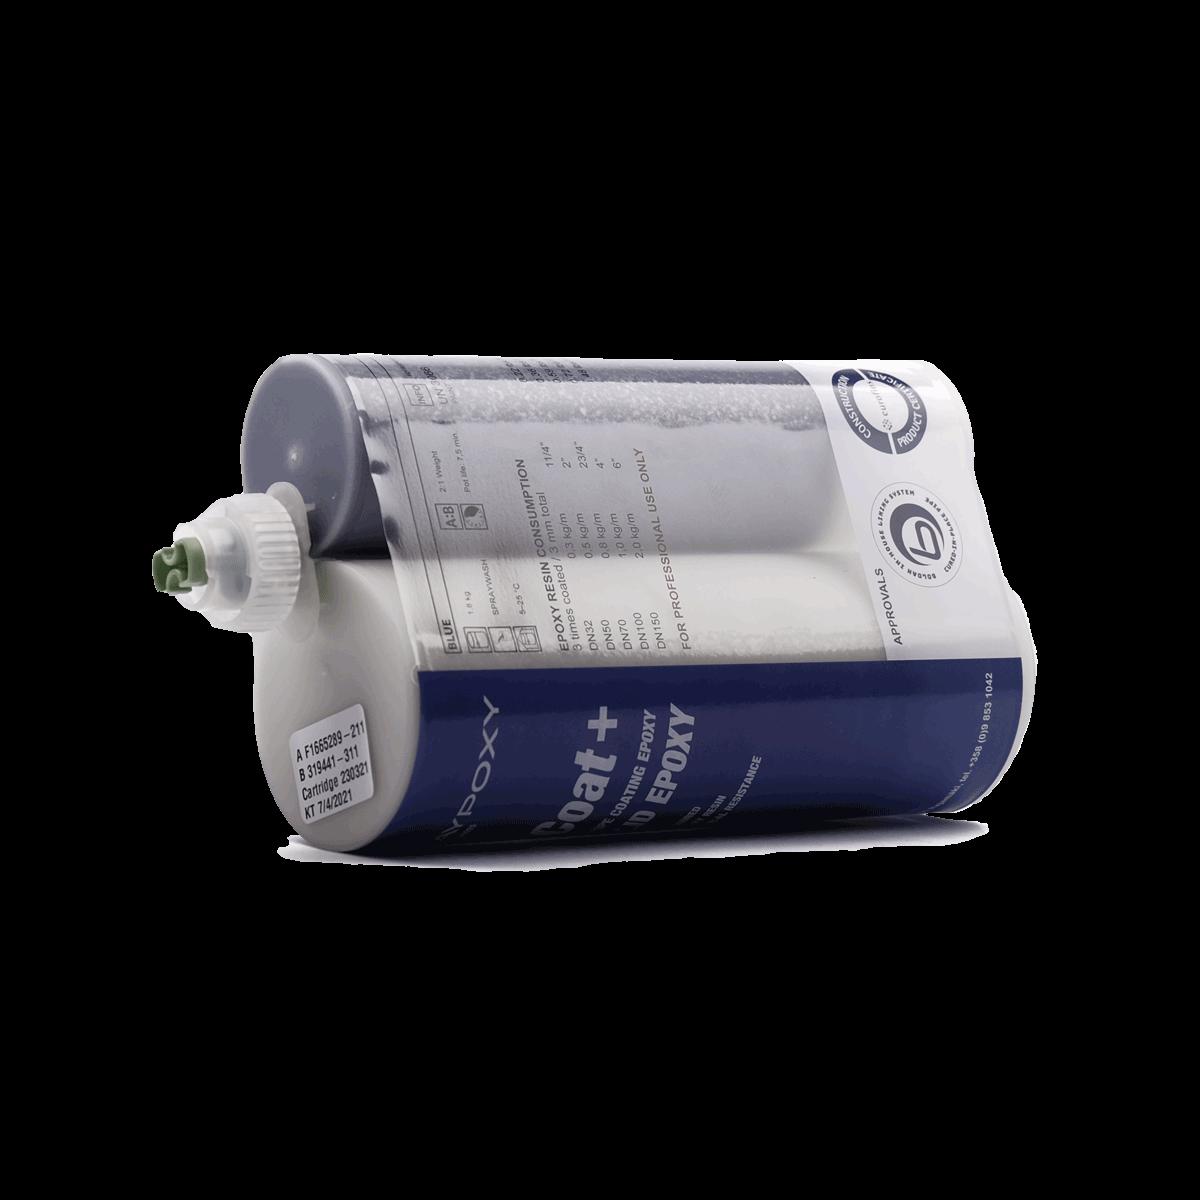 Epoxidharz-Kartusche Spraypoxy + (Sprühen)